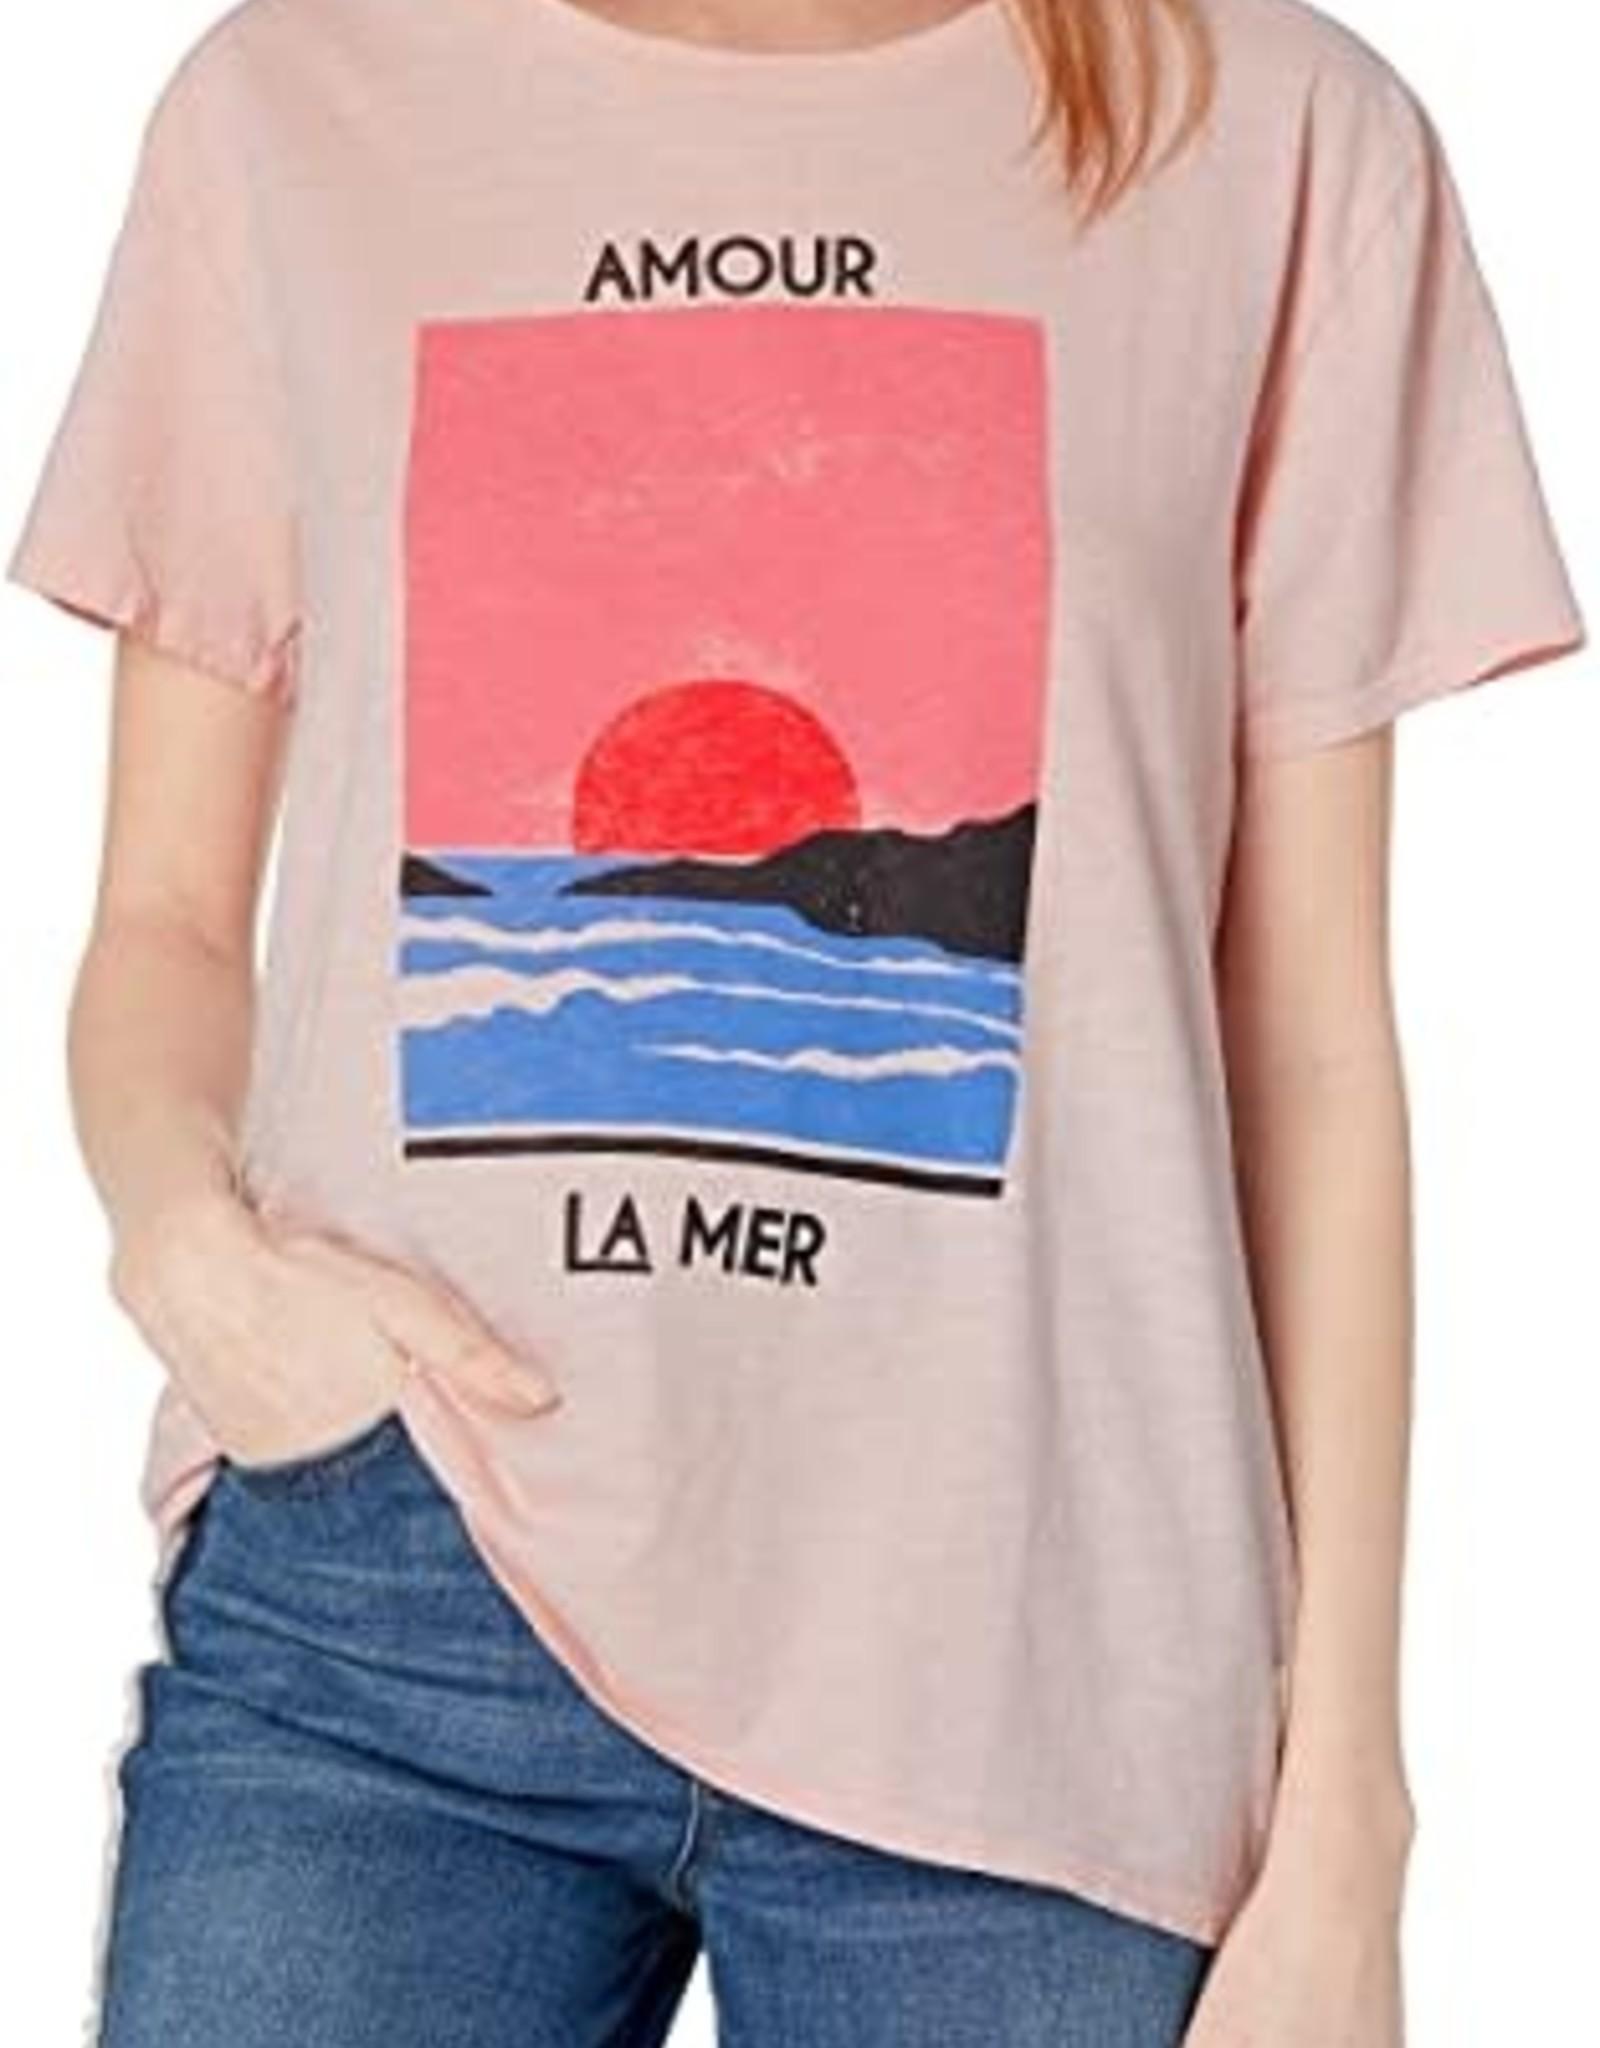 Billabong Amour La Mer